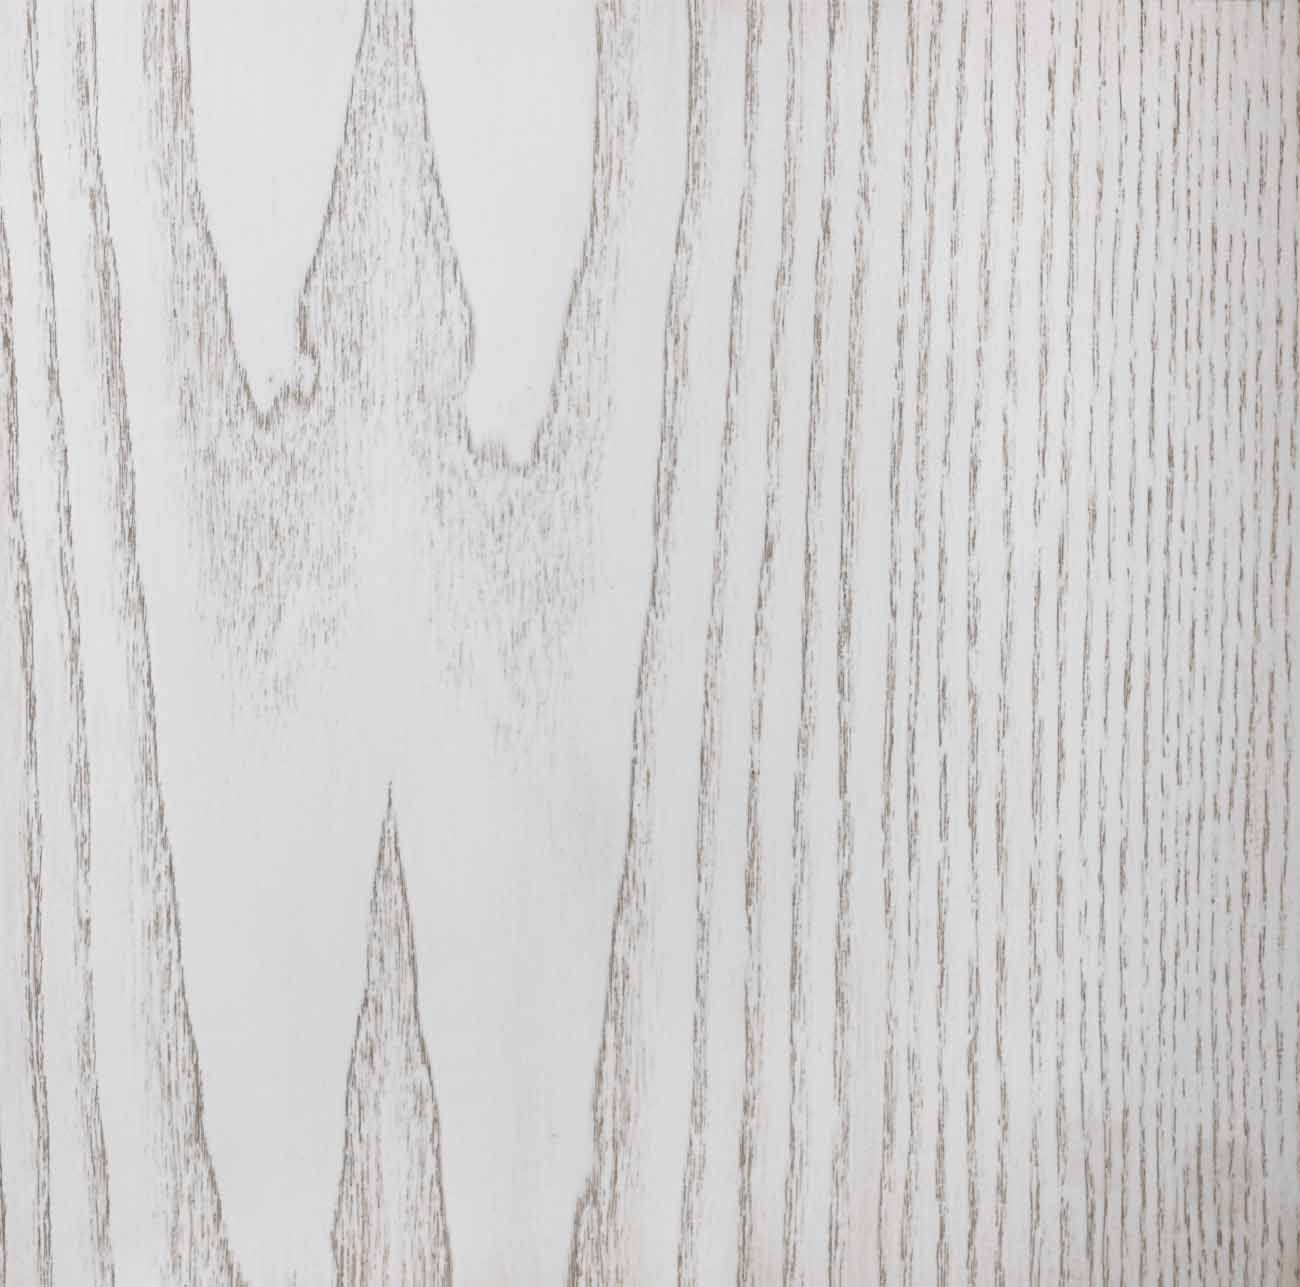 Colori per mobili colori mobili in bamb arredamento for Mobili legno bianco anticato